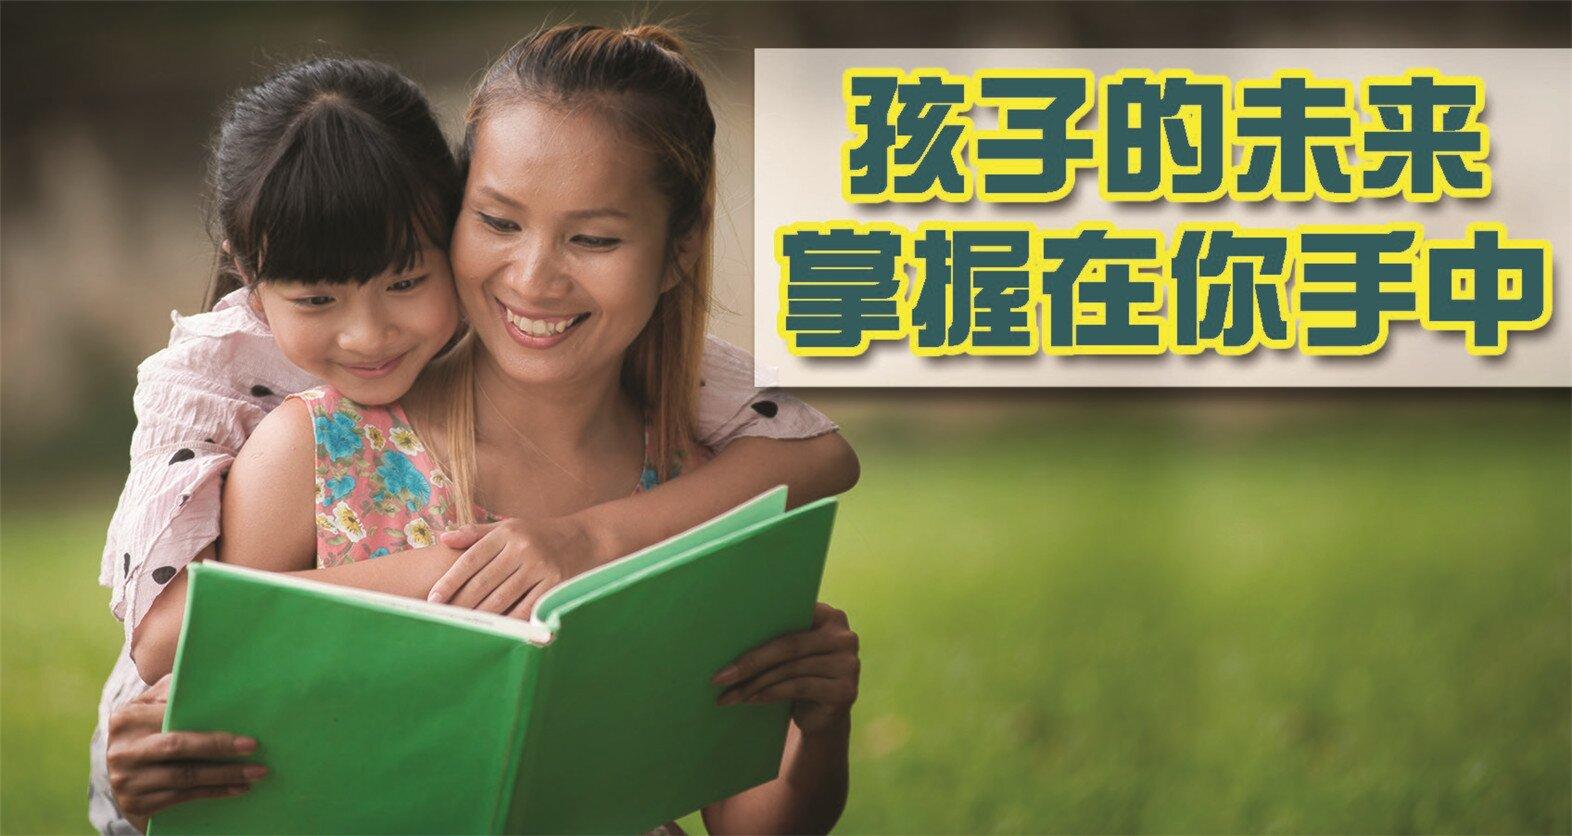 真实故事分享 - 孩子的未来掌握在您手中!